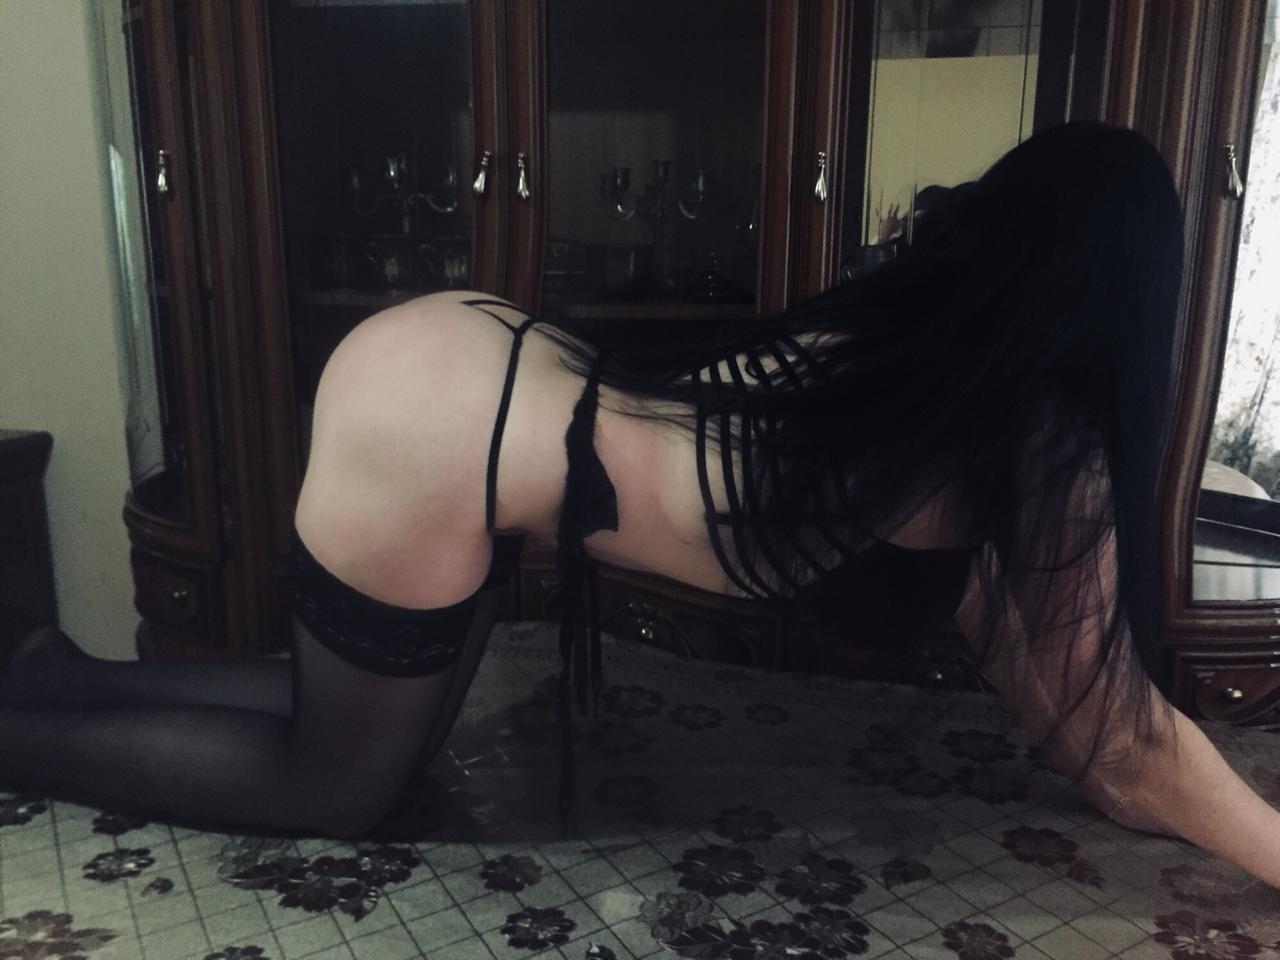 Проститутки якутска номер телефона, Проститутки Якутска: досуг, девушки по вызову 27 фотография